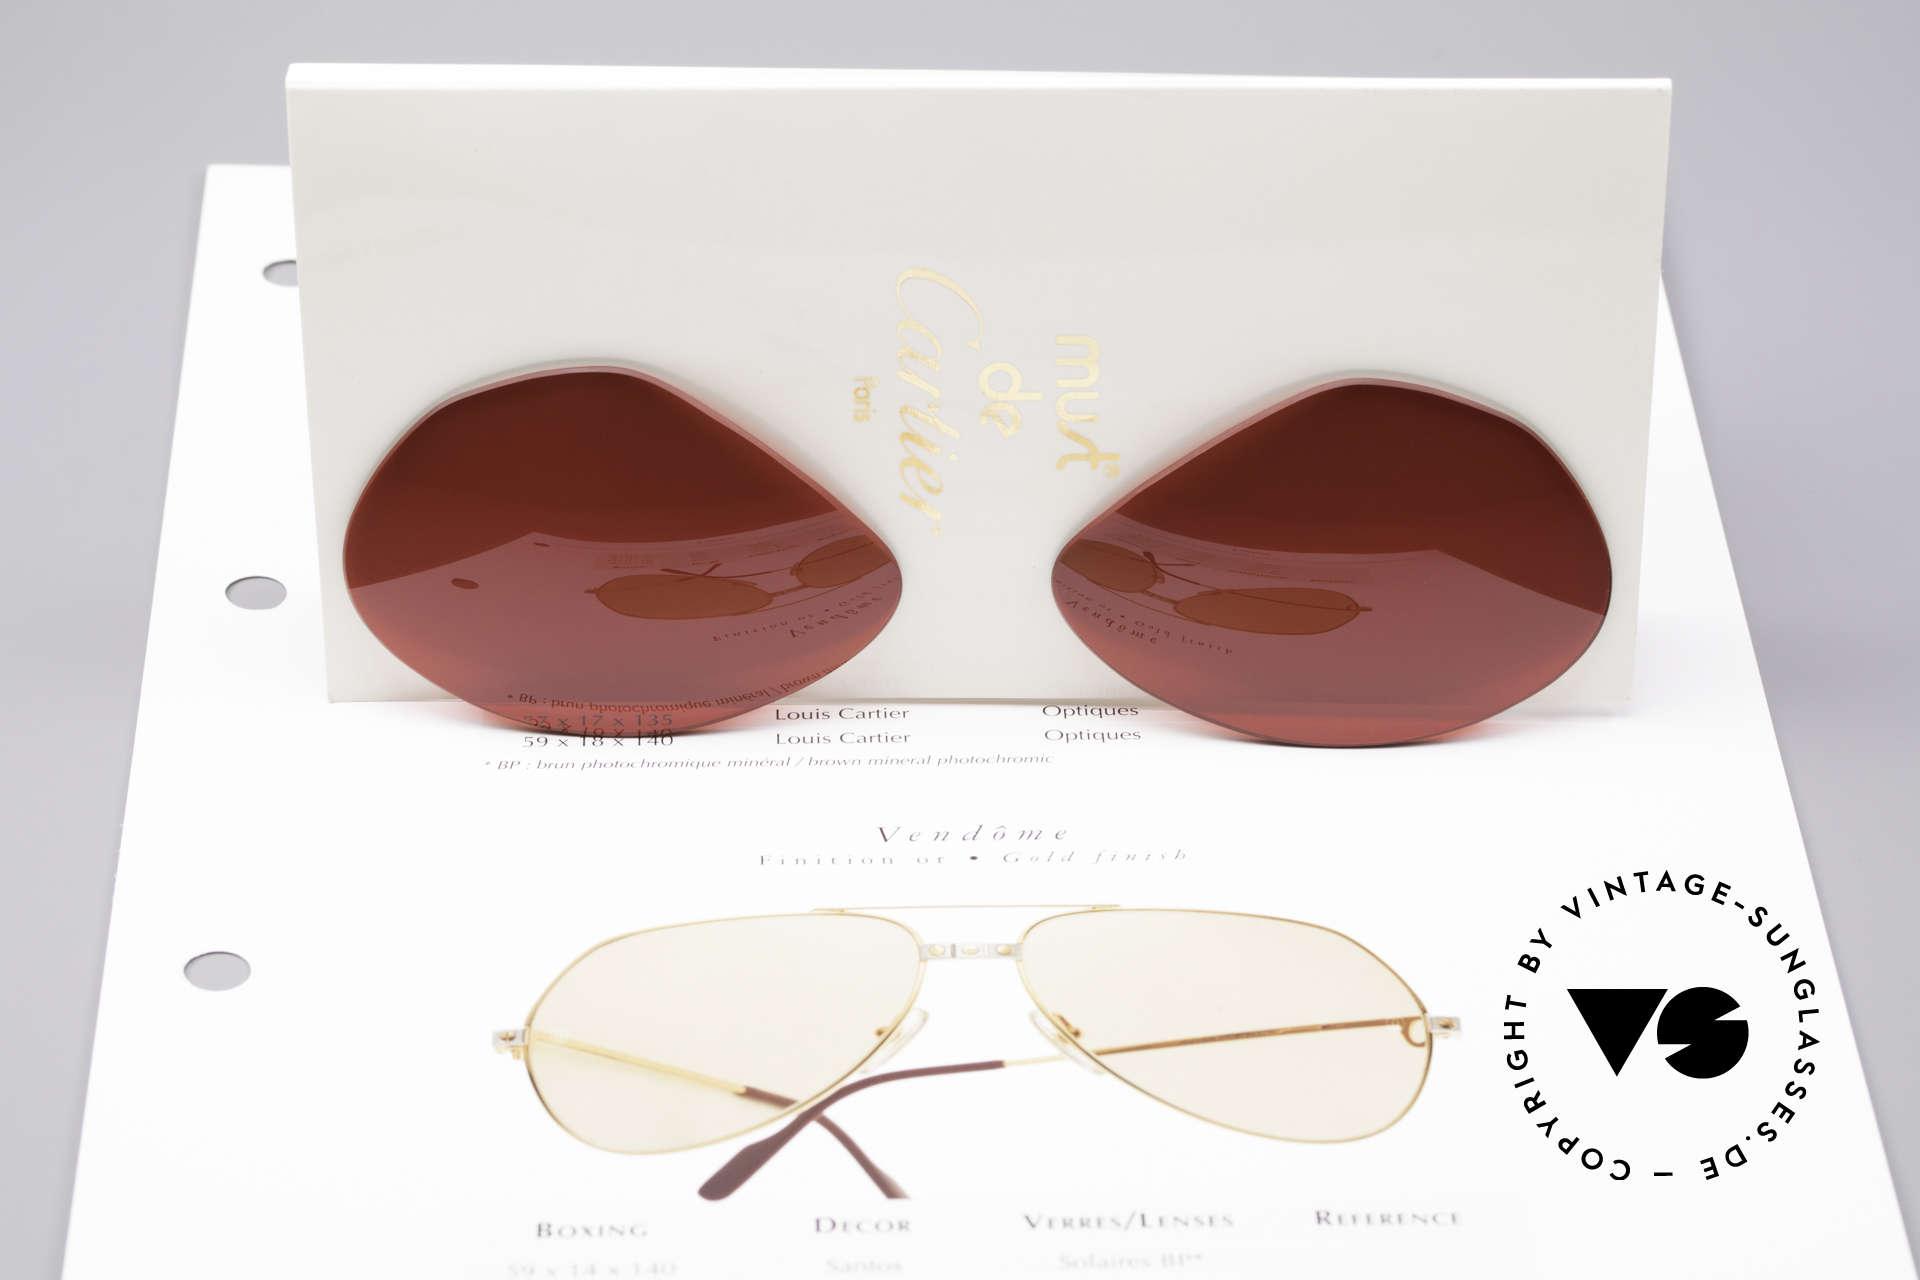 Cartier Vendome Lenses - L Sonnengläser 3D Rot, knalliges 3D-Rot = ! zum Autofahren NICHT geeignet !, Passend für Herren